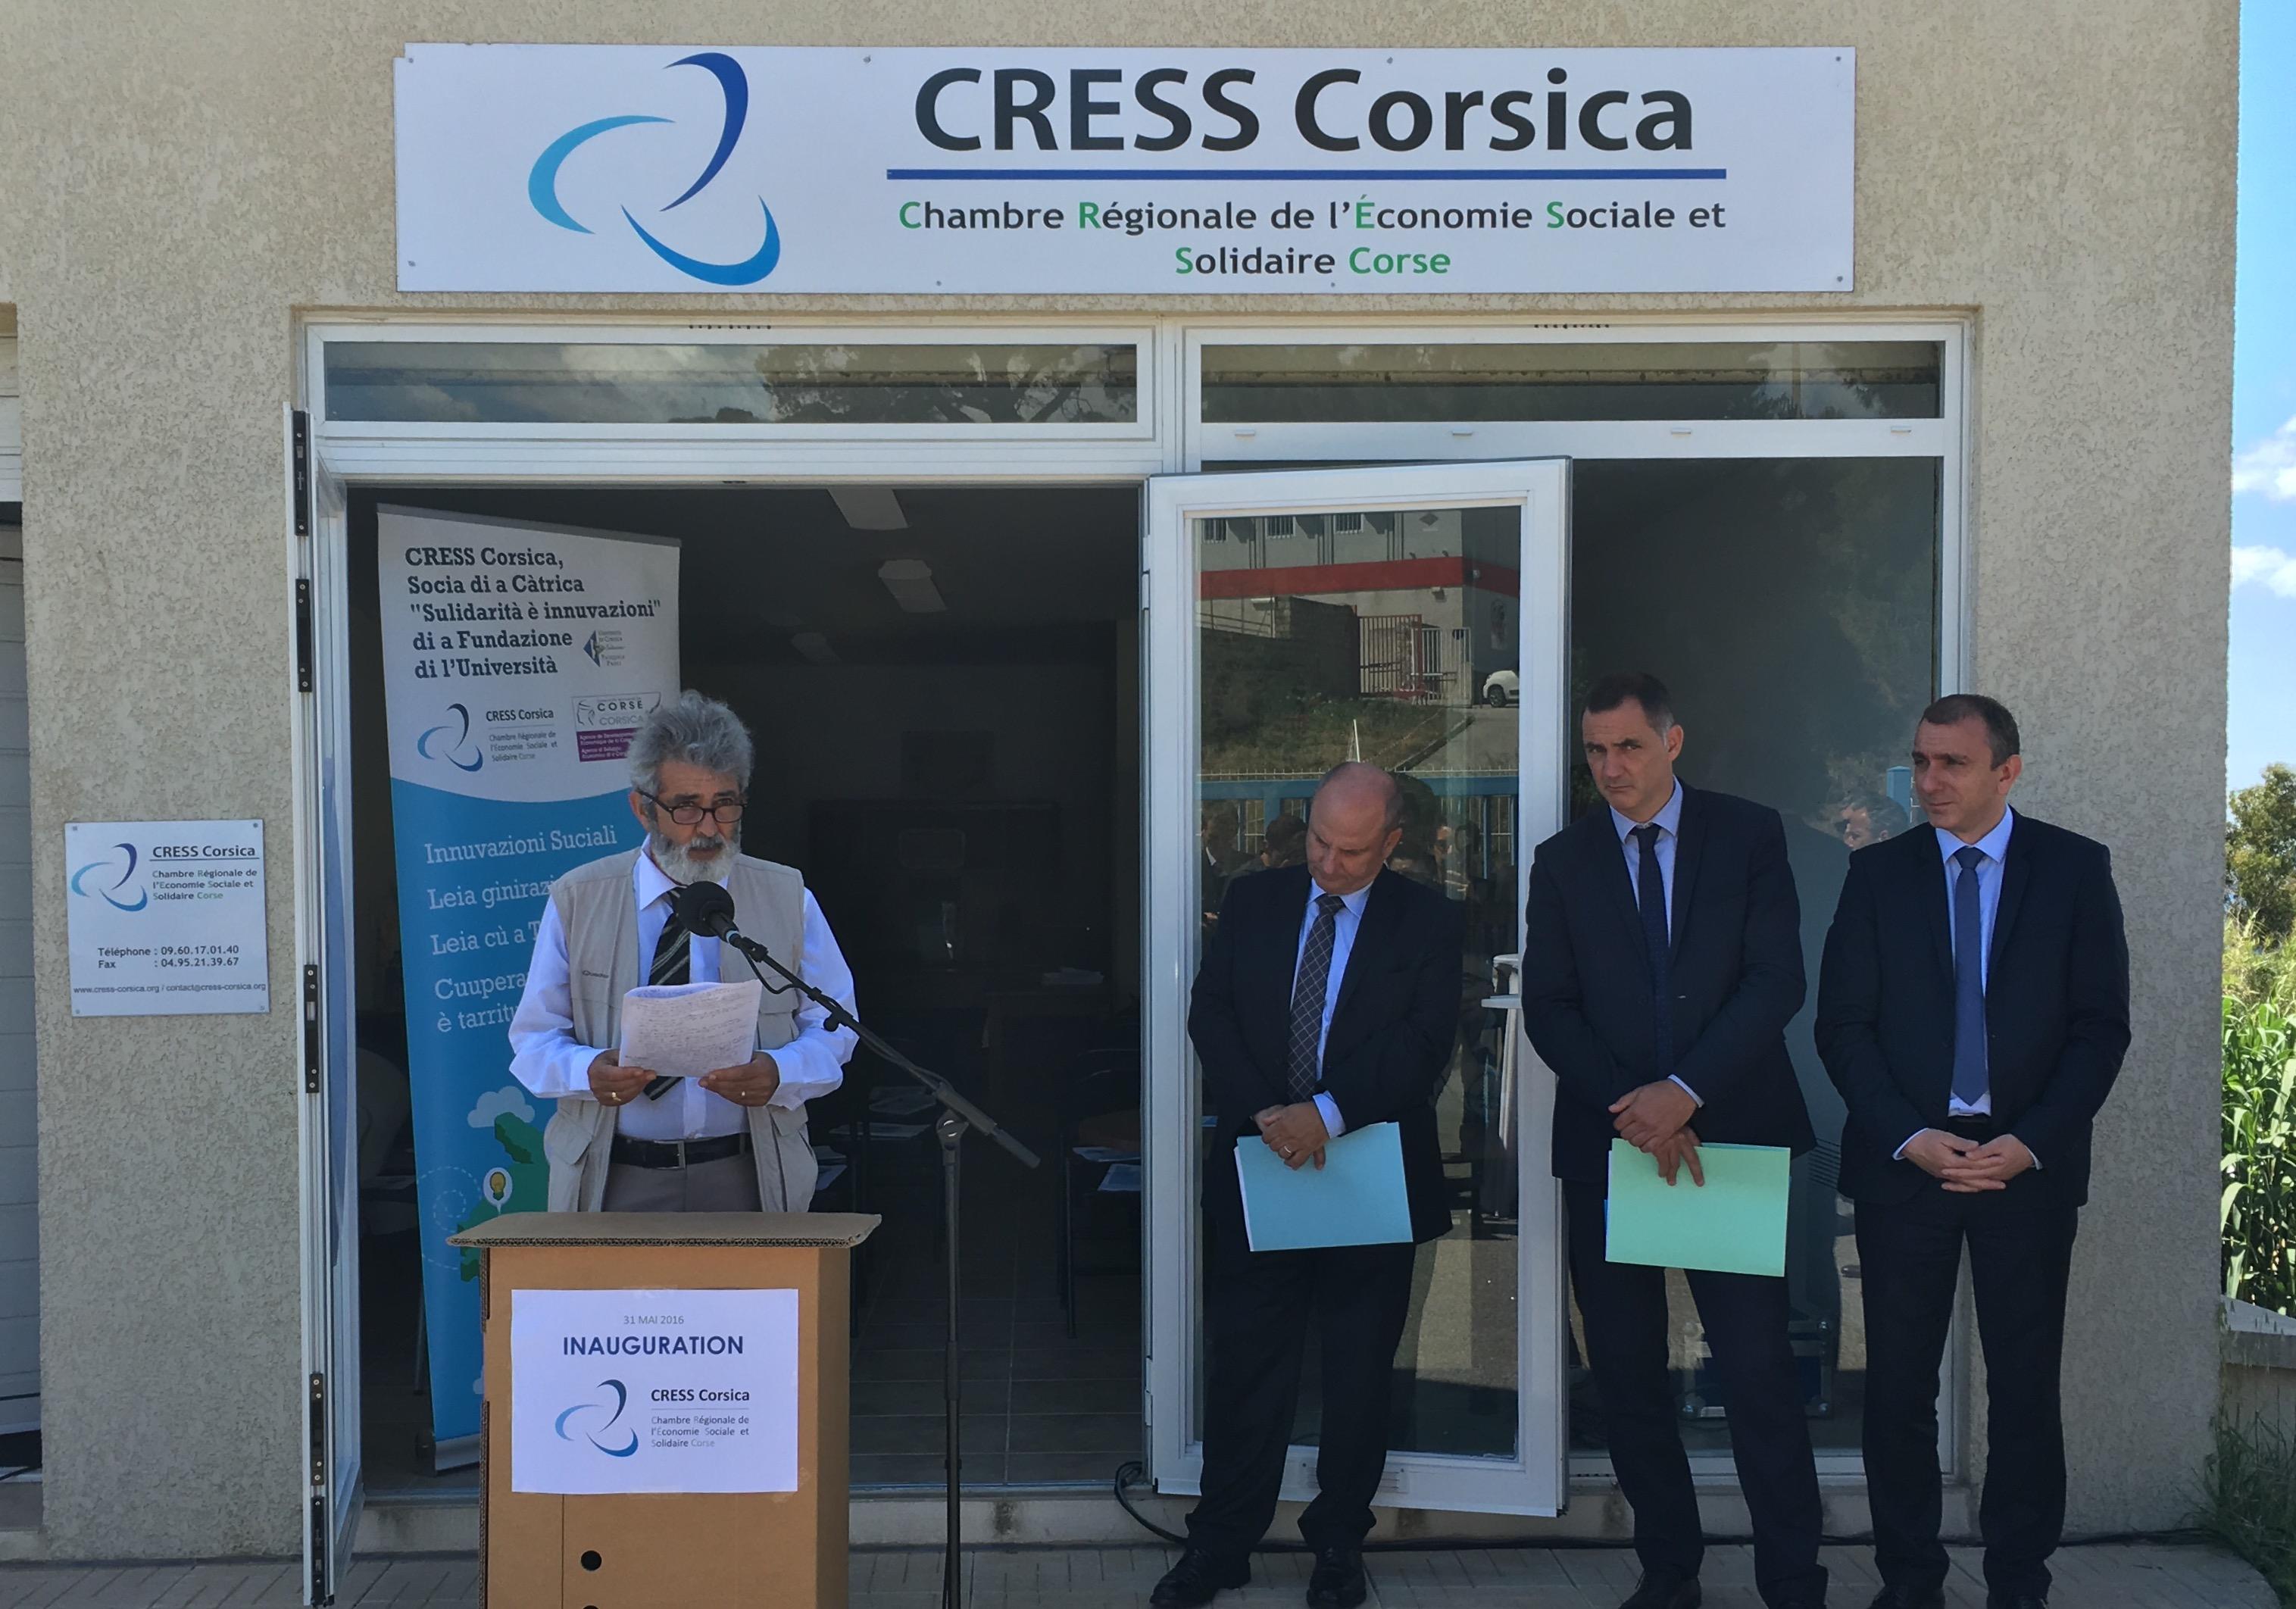 Nouveaux locaux pour la chambre régionale de l'économie sociale et solidaire